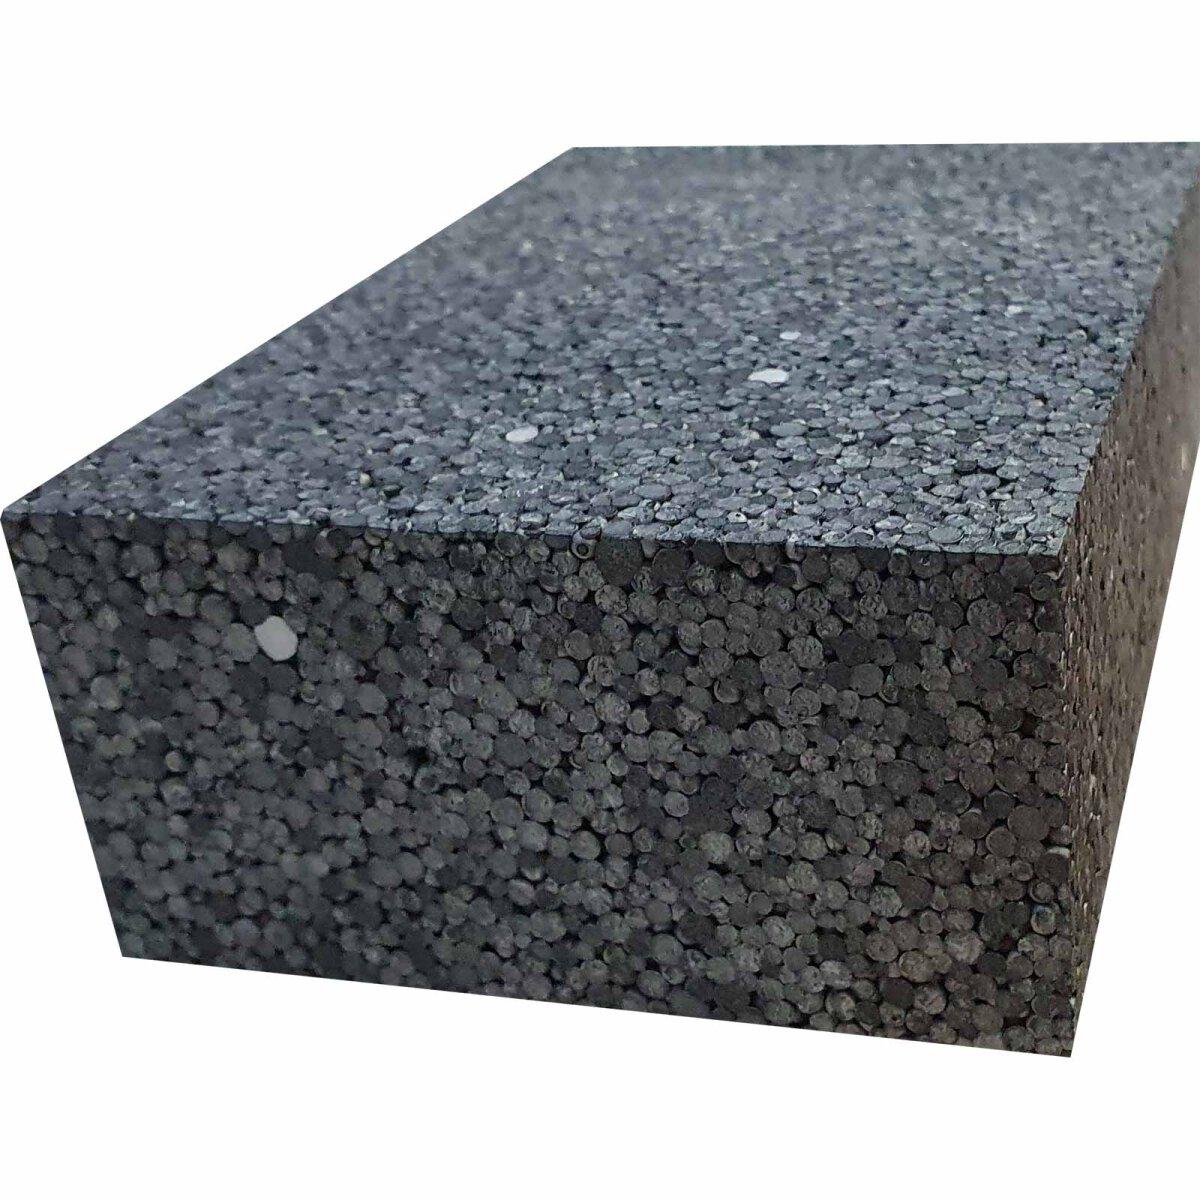 fassadend mmplatte eps wlg 031 wdvs styropor grafit atlas 40 mm 3 20. Black Bedroom Furniture Sets. Home Design Ideas